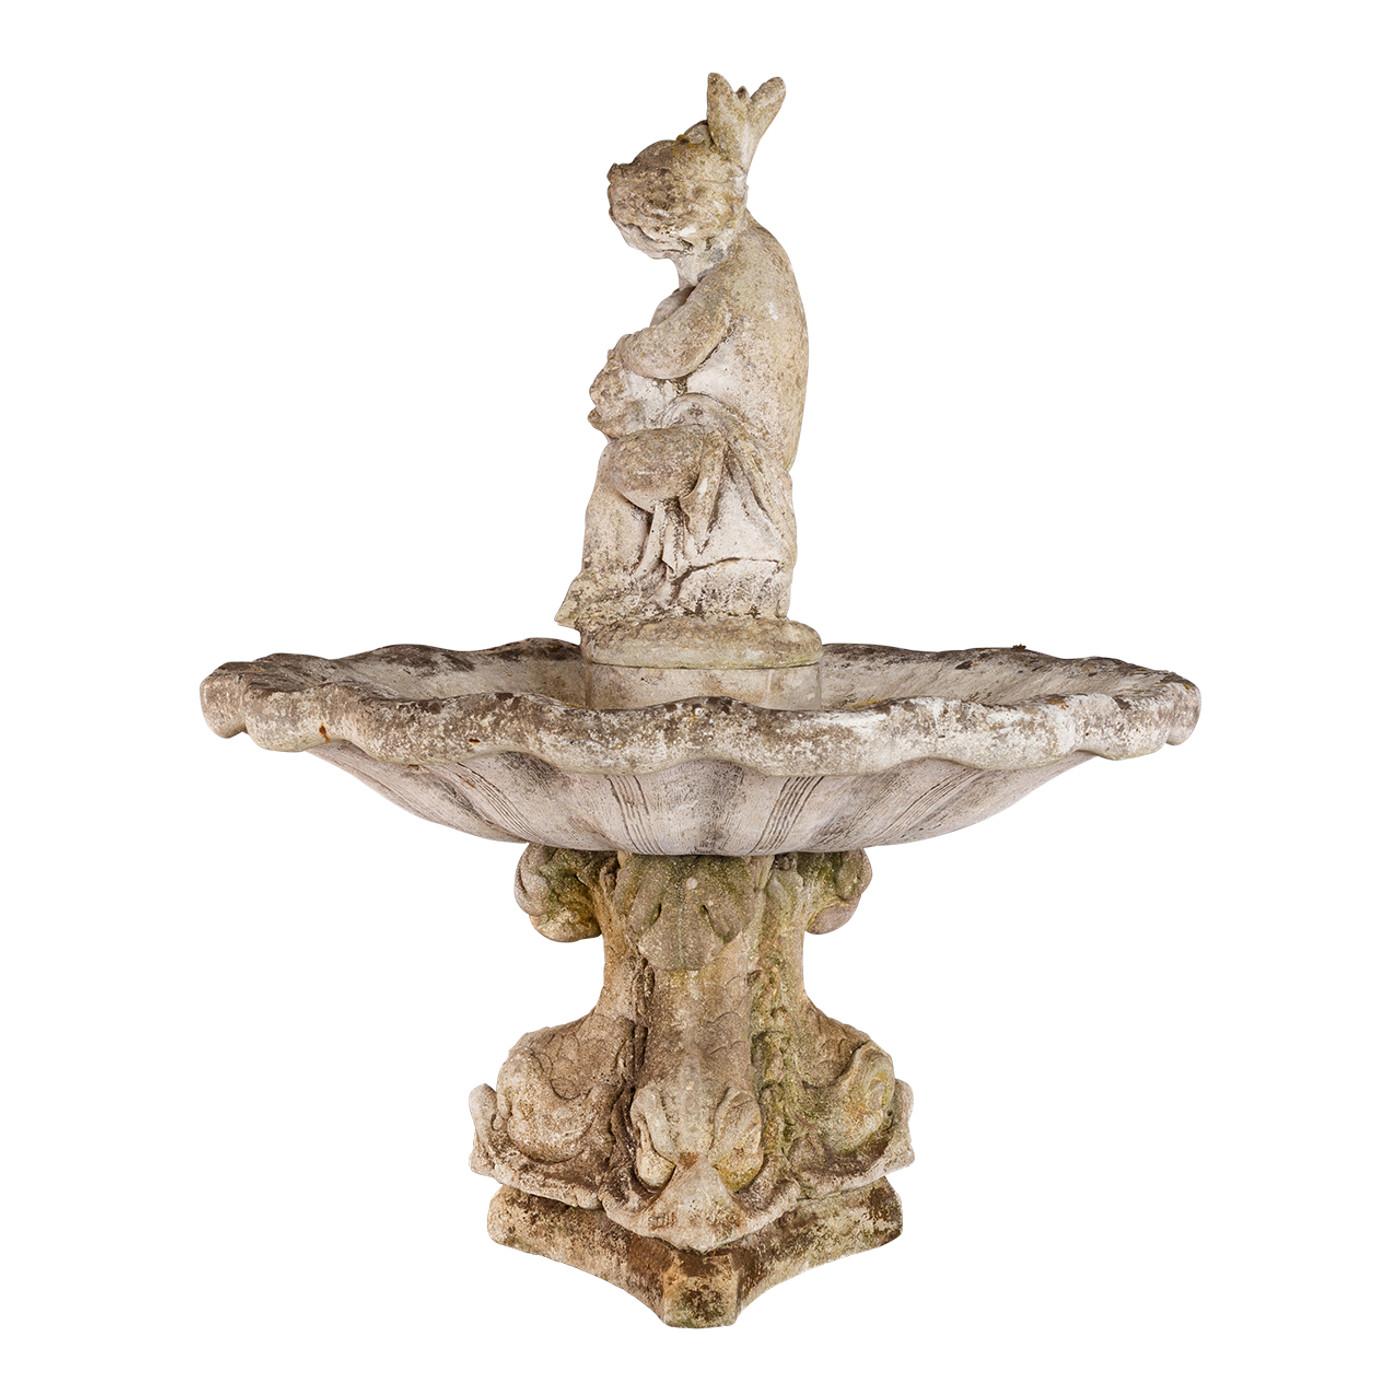 French Stone Fountain circa 1940